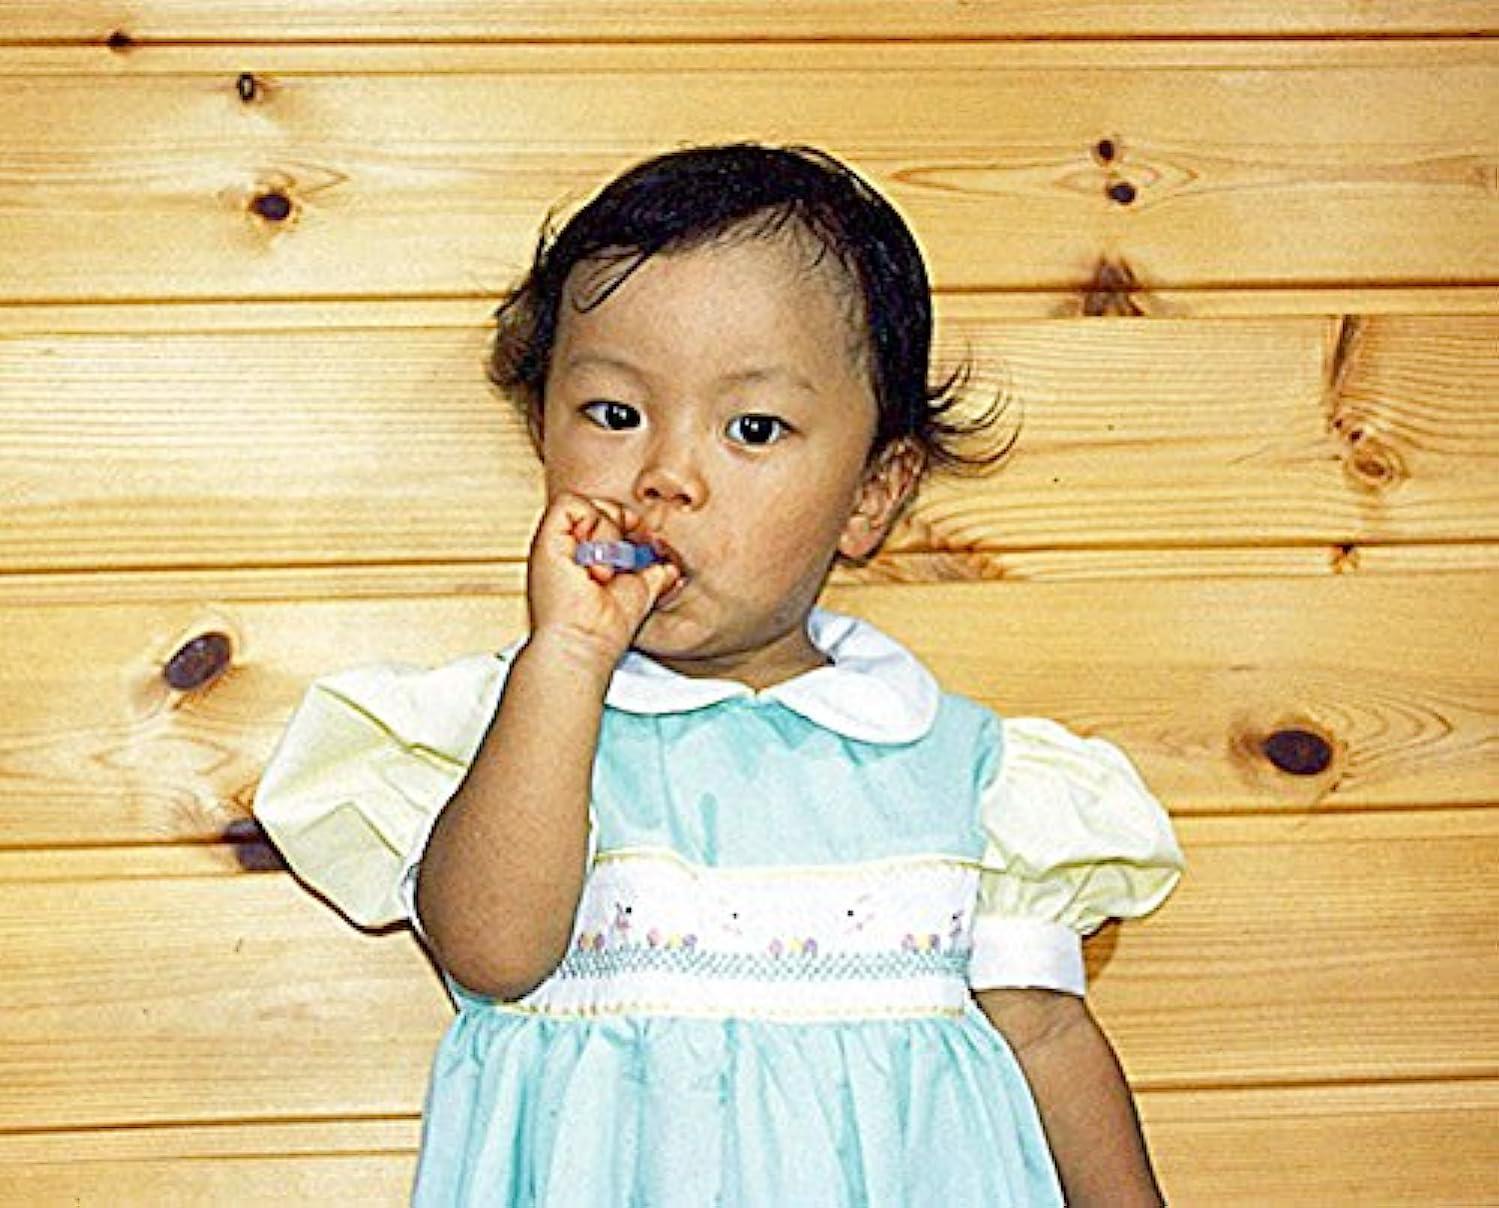 品種豆団結するオーラルケア 歯ブラシ カミカミソフト歯ブラシ ブルー/ピンク 2個組み